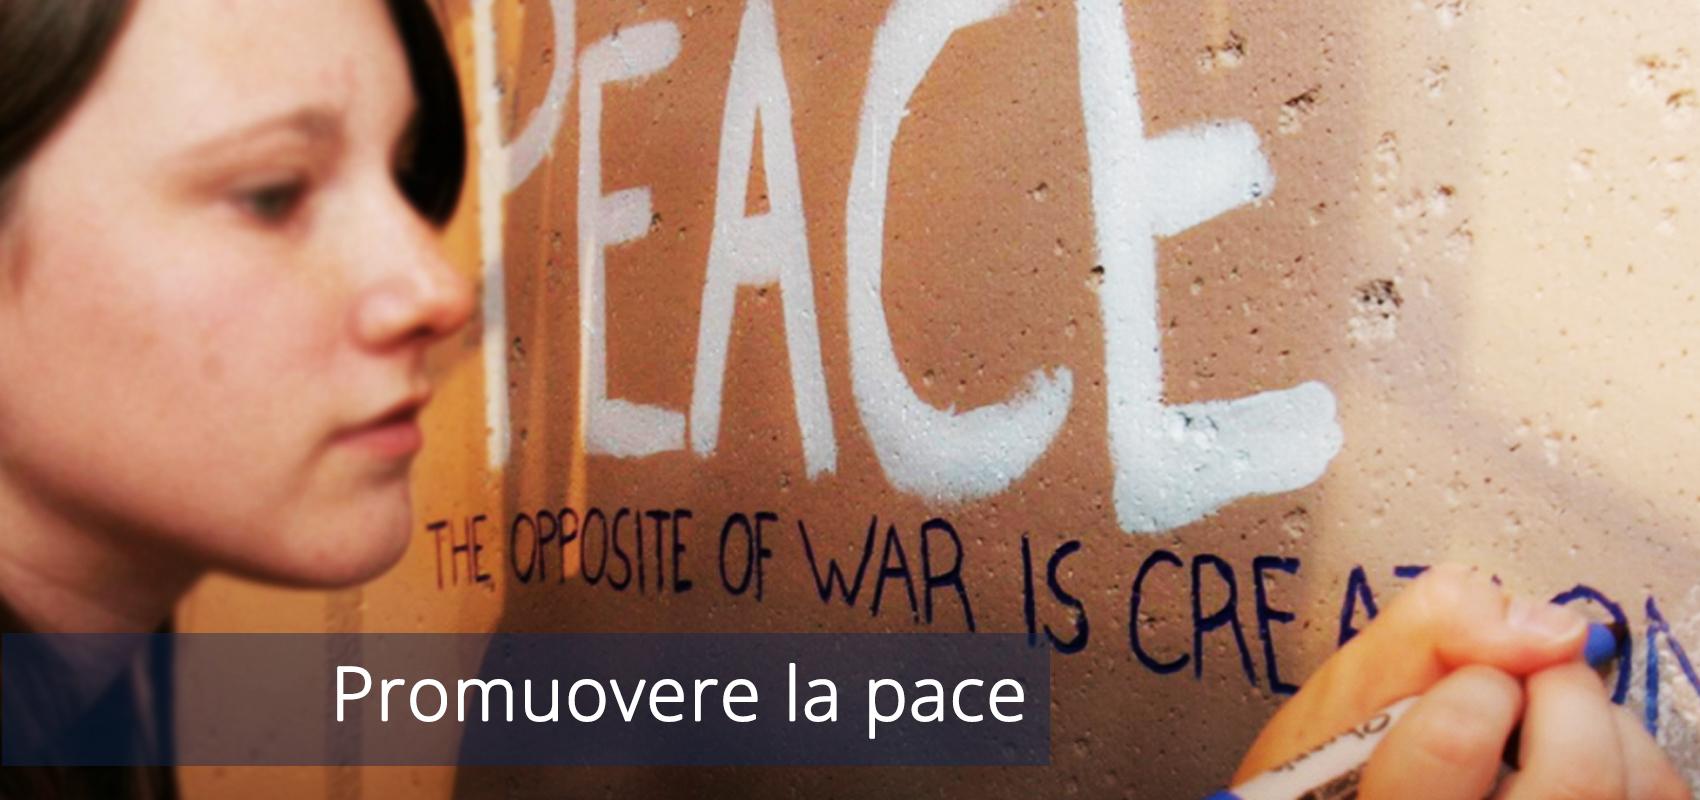 Promuovere la pace